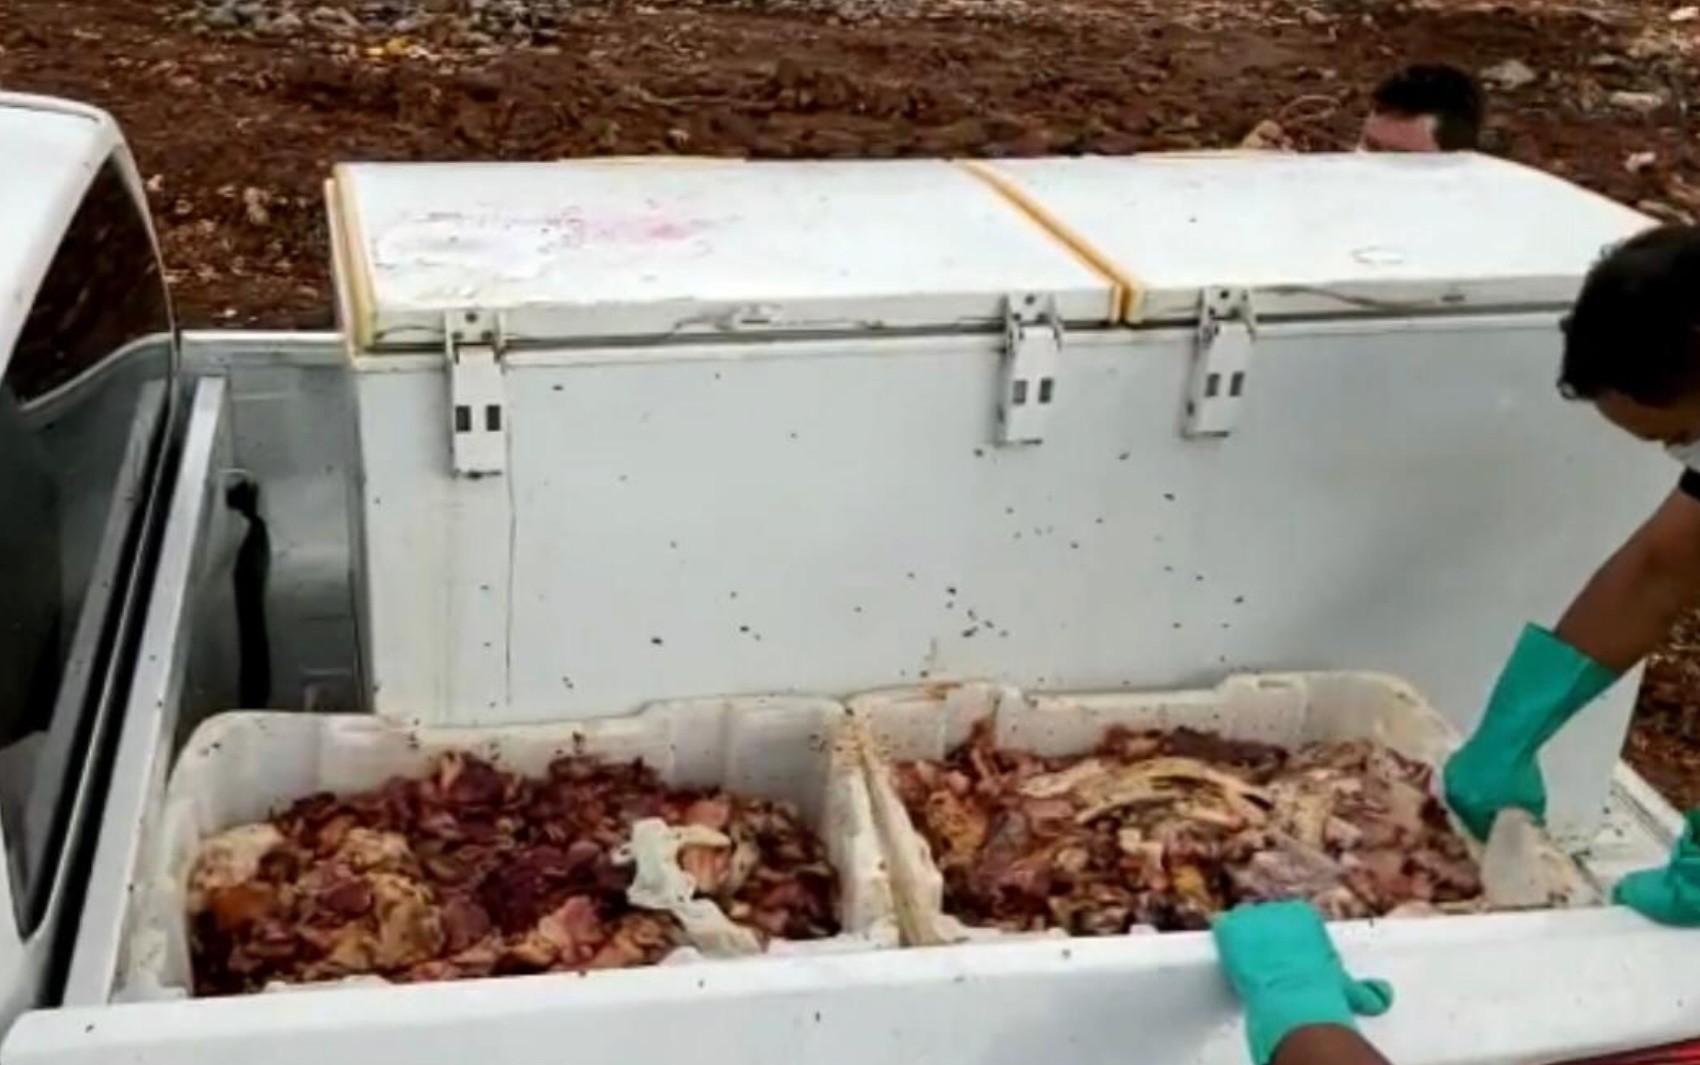 Vigilância Sanitária apreende mais de uma tonelada de carne estragada, em Aparecida de Goiânia